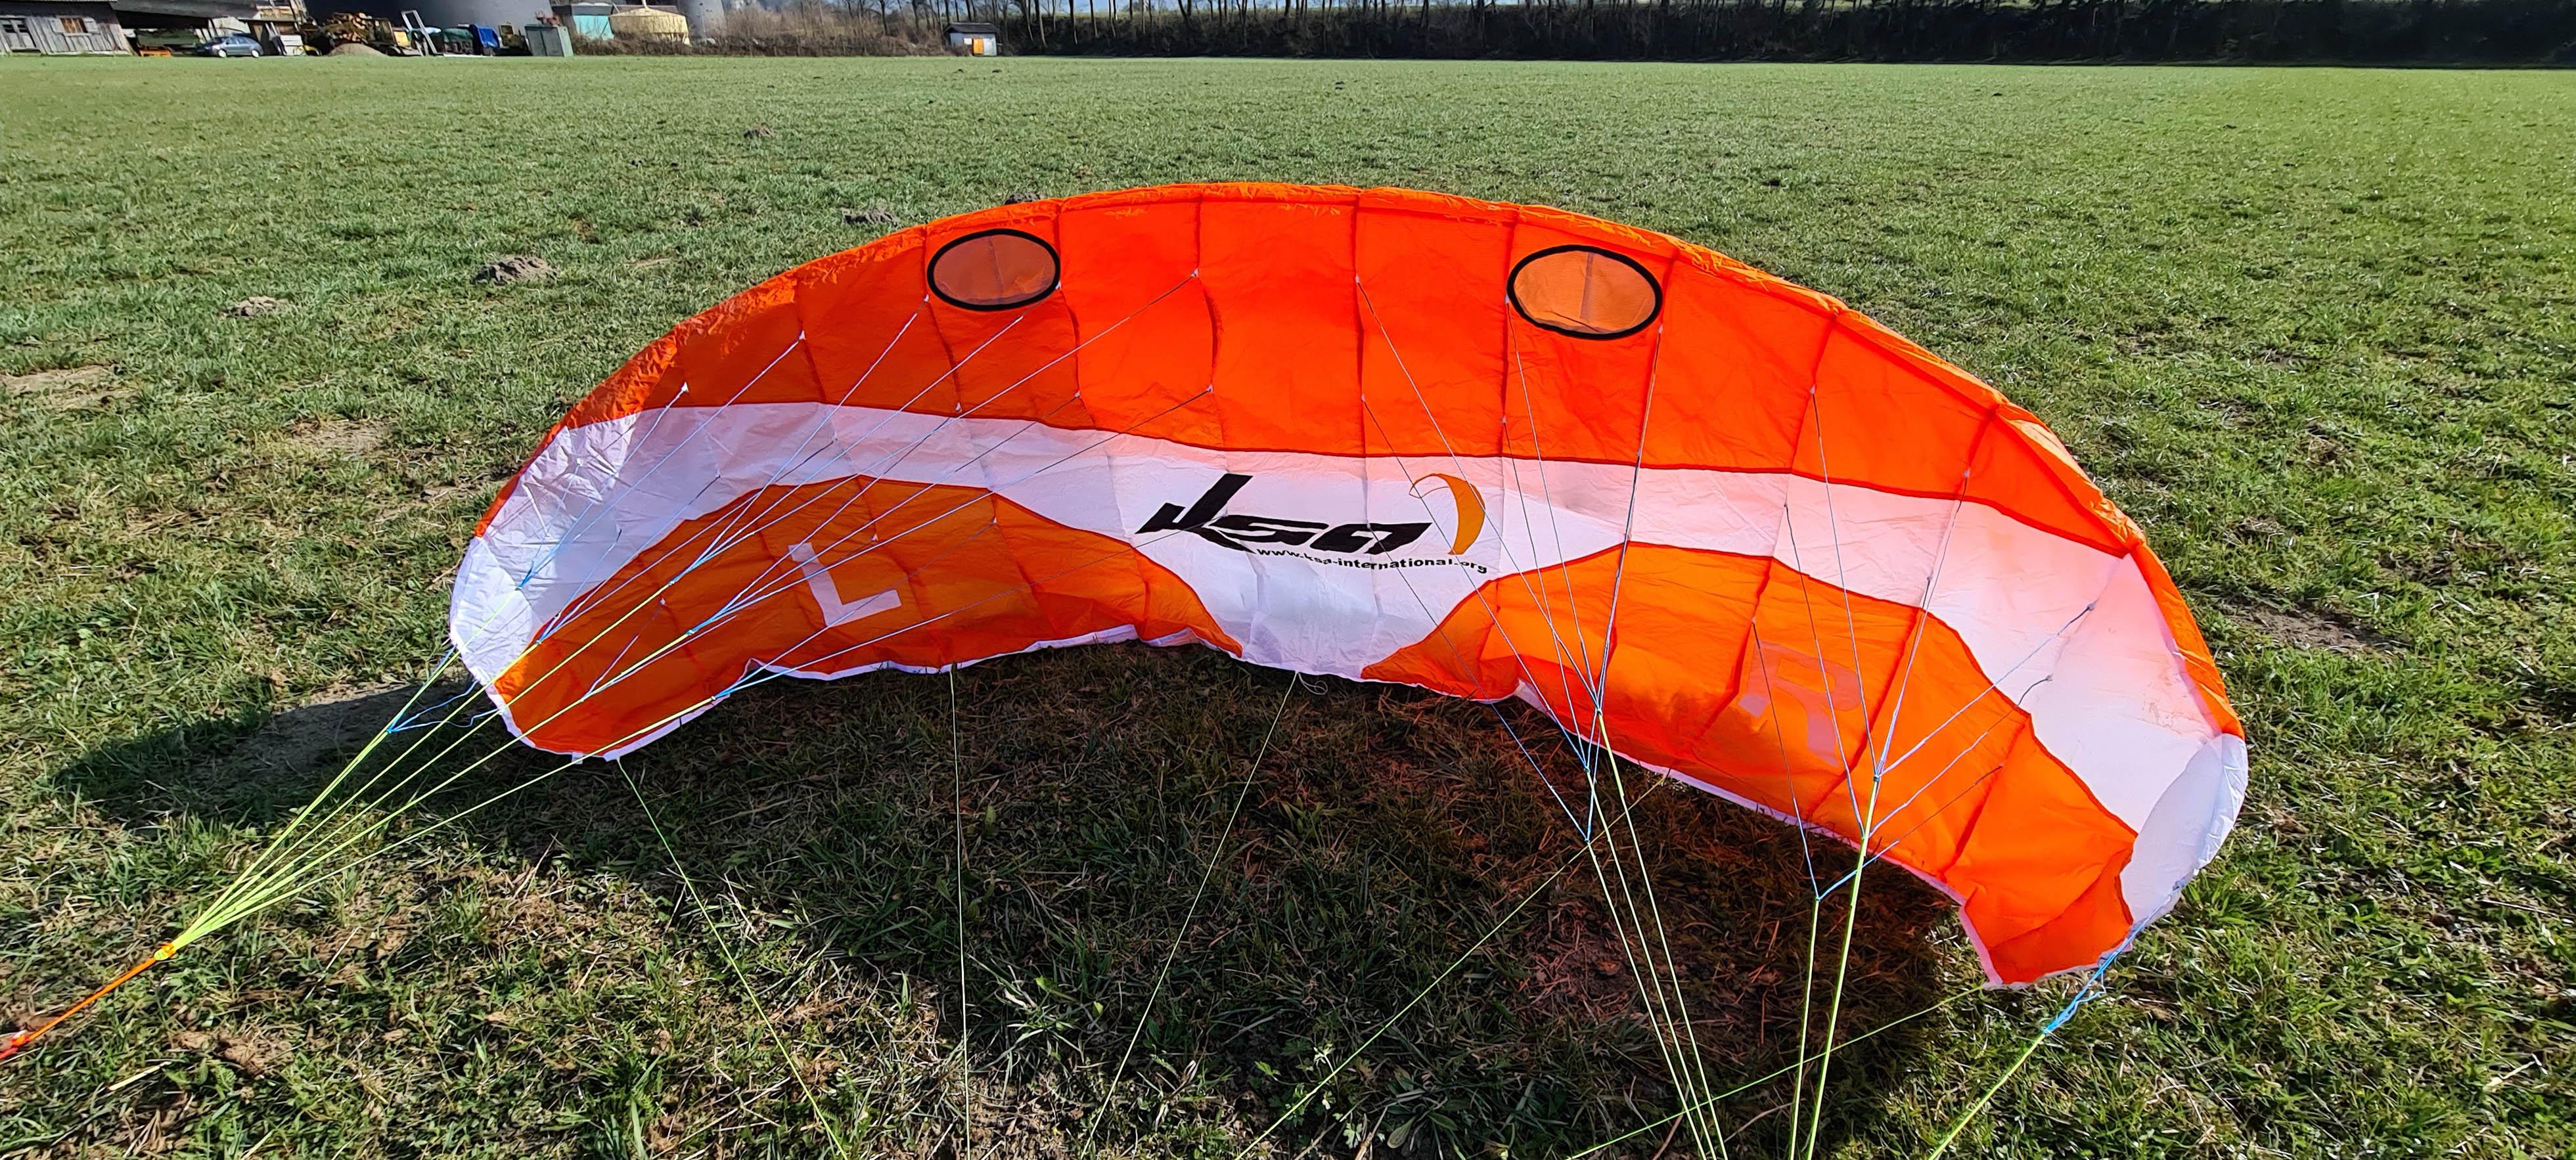 Softkite HQ Hydra 300 - Trainerkite, Trainingskite, Kite